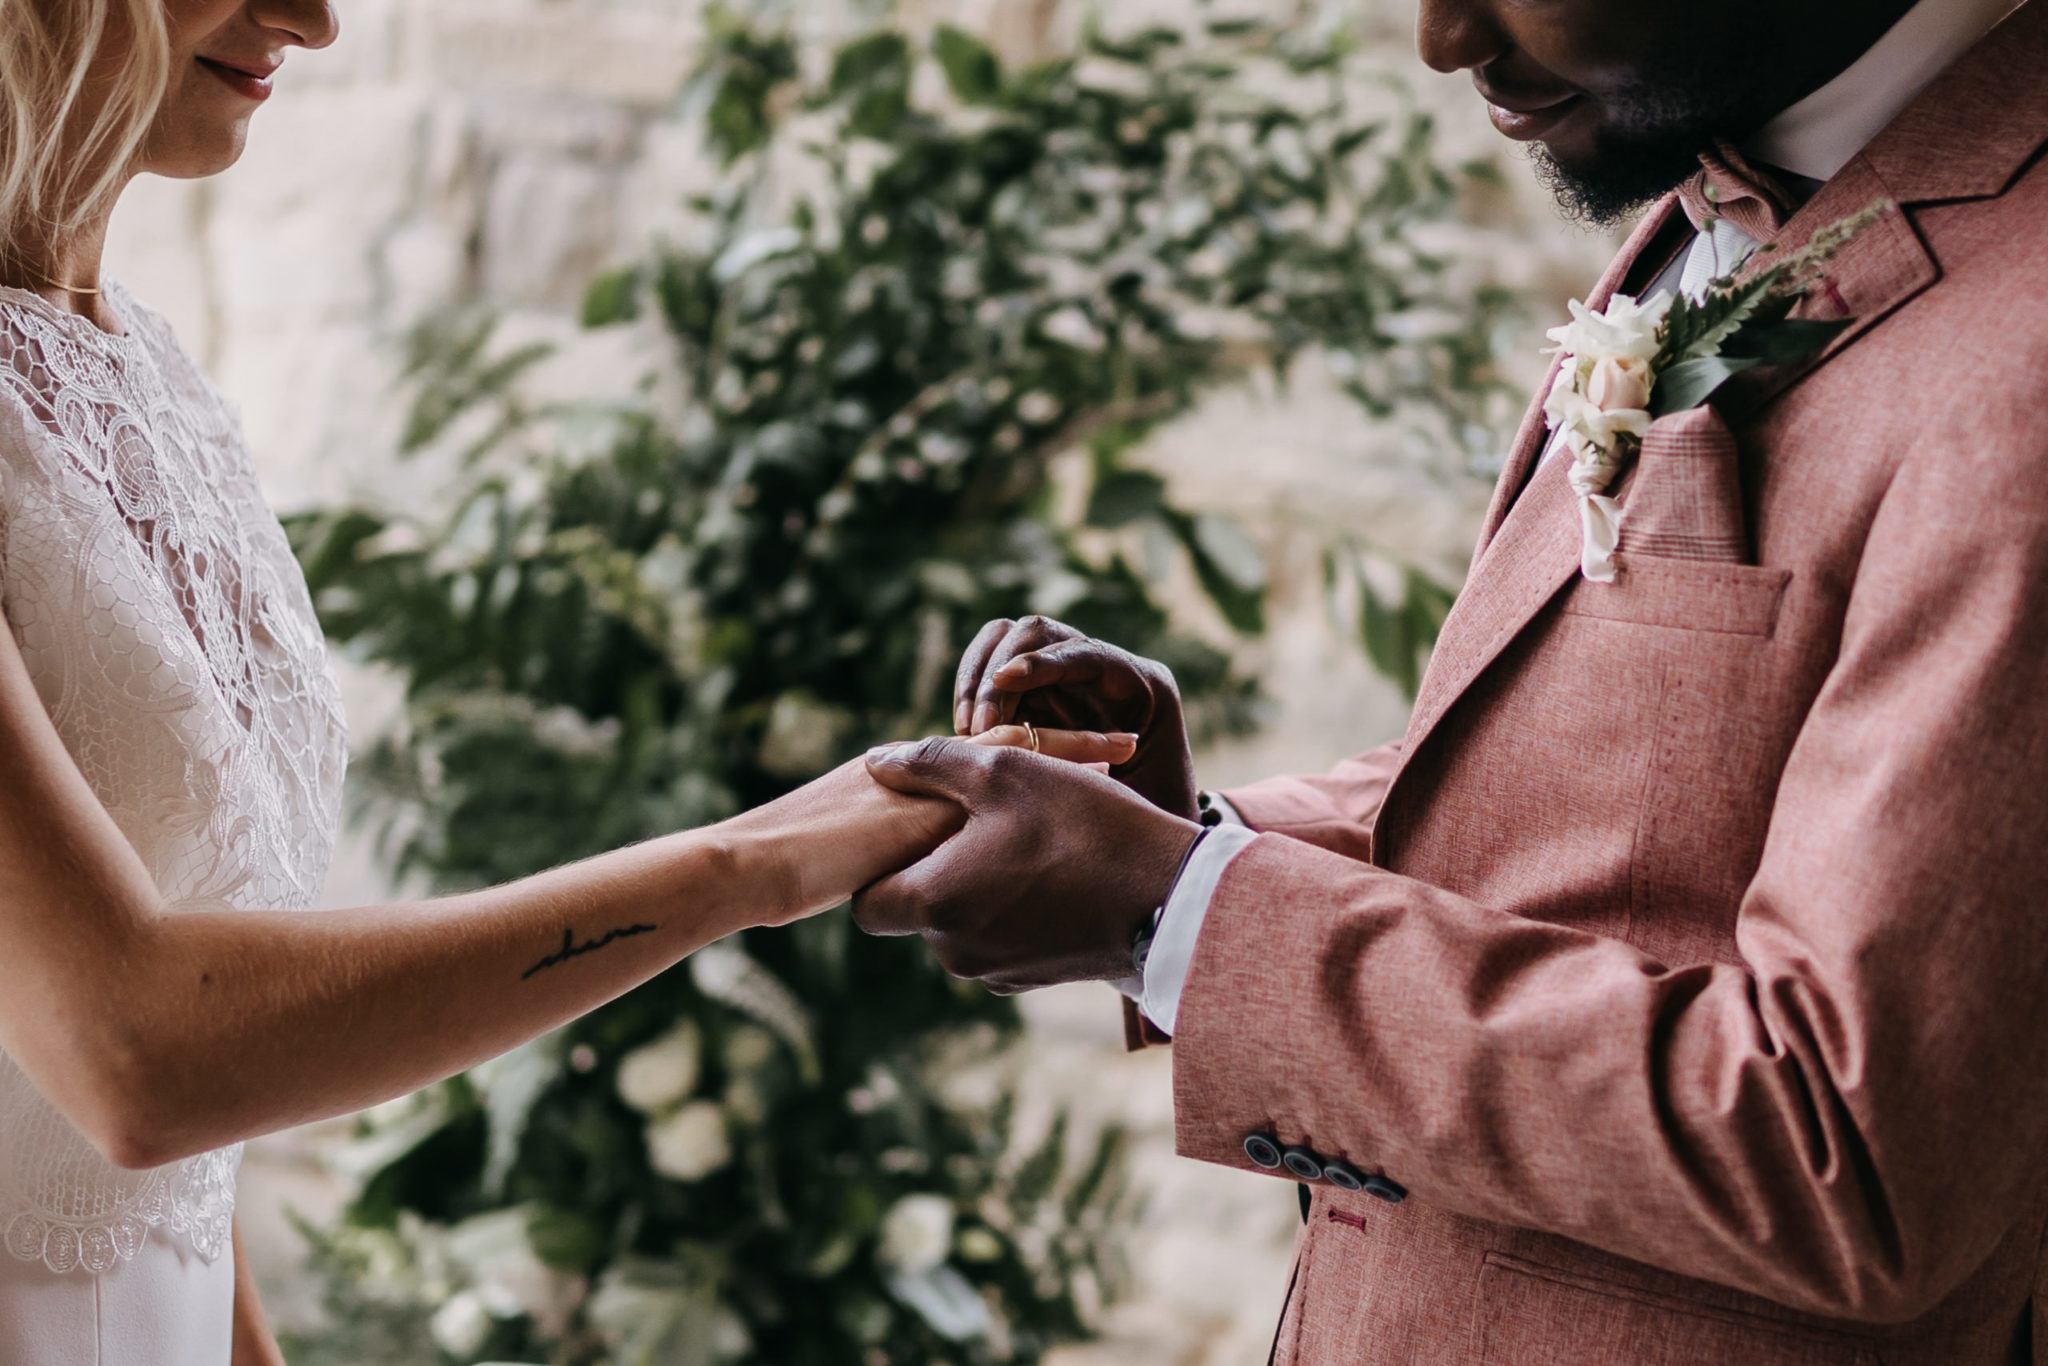 Bräutigam steckt seiner Braut den Ehering an |Anspruch an die Ausbildung Freie Redner